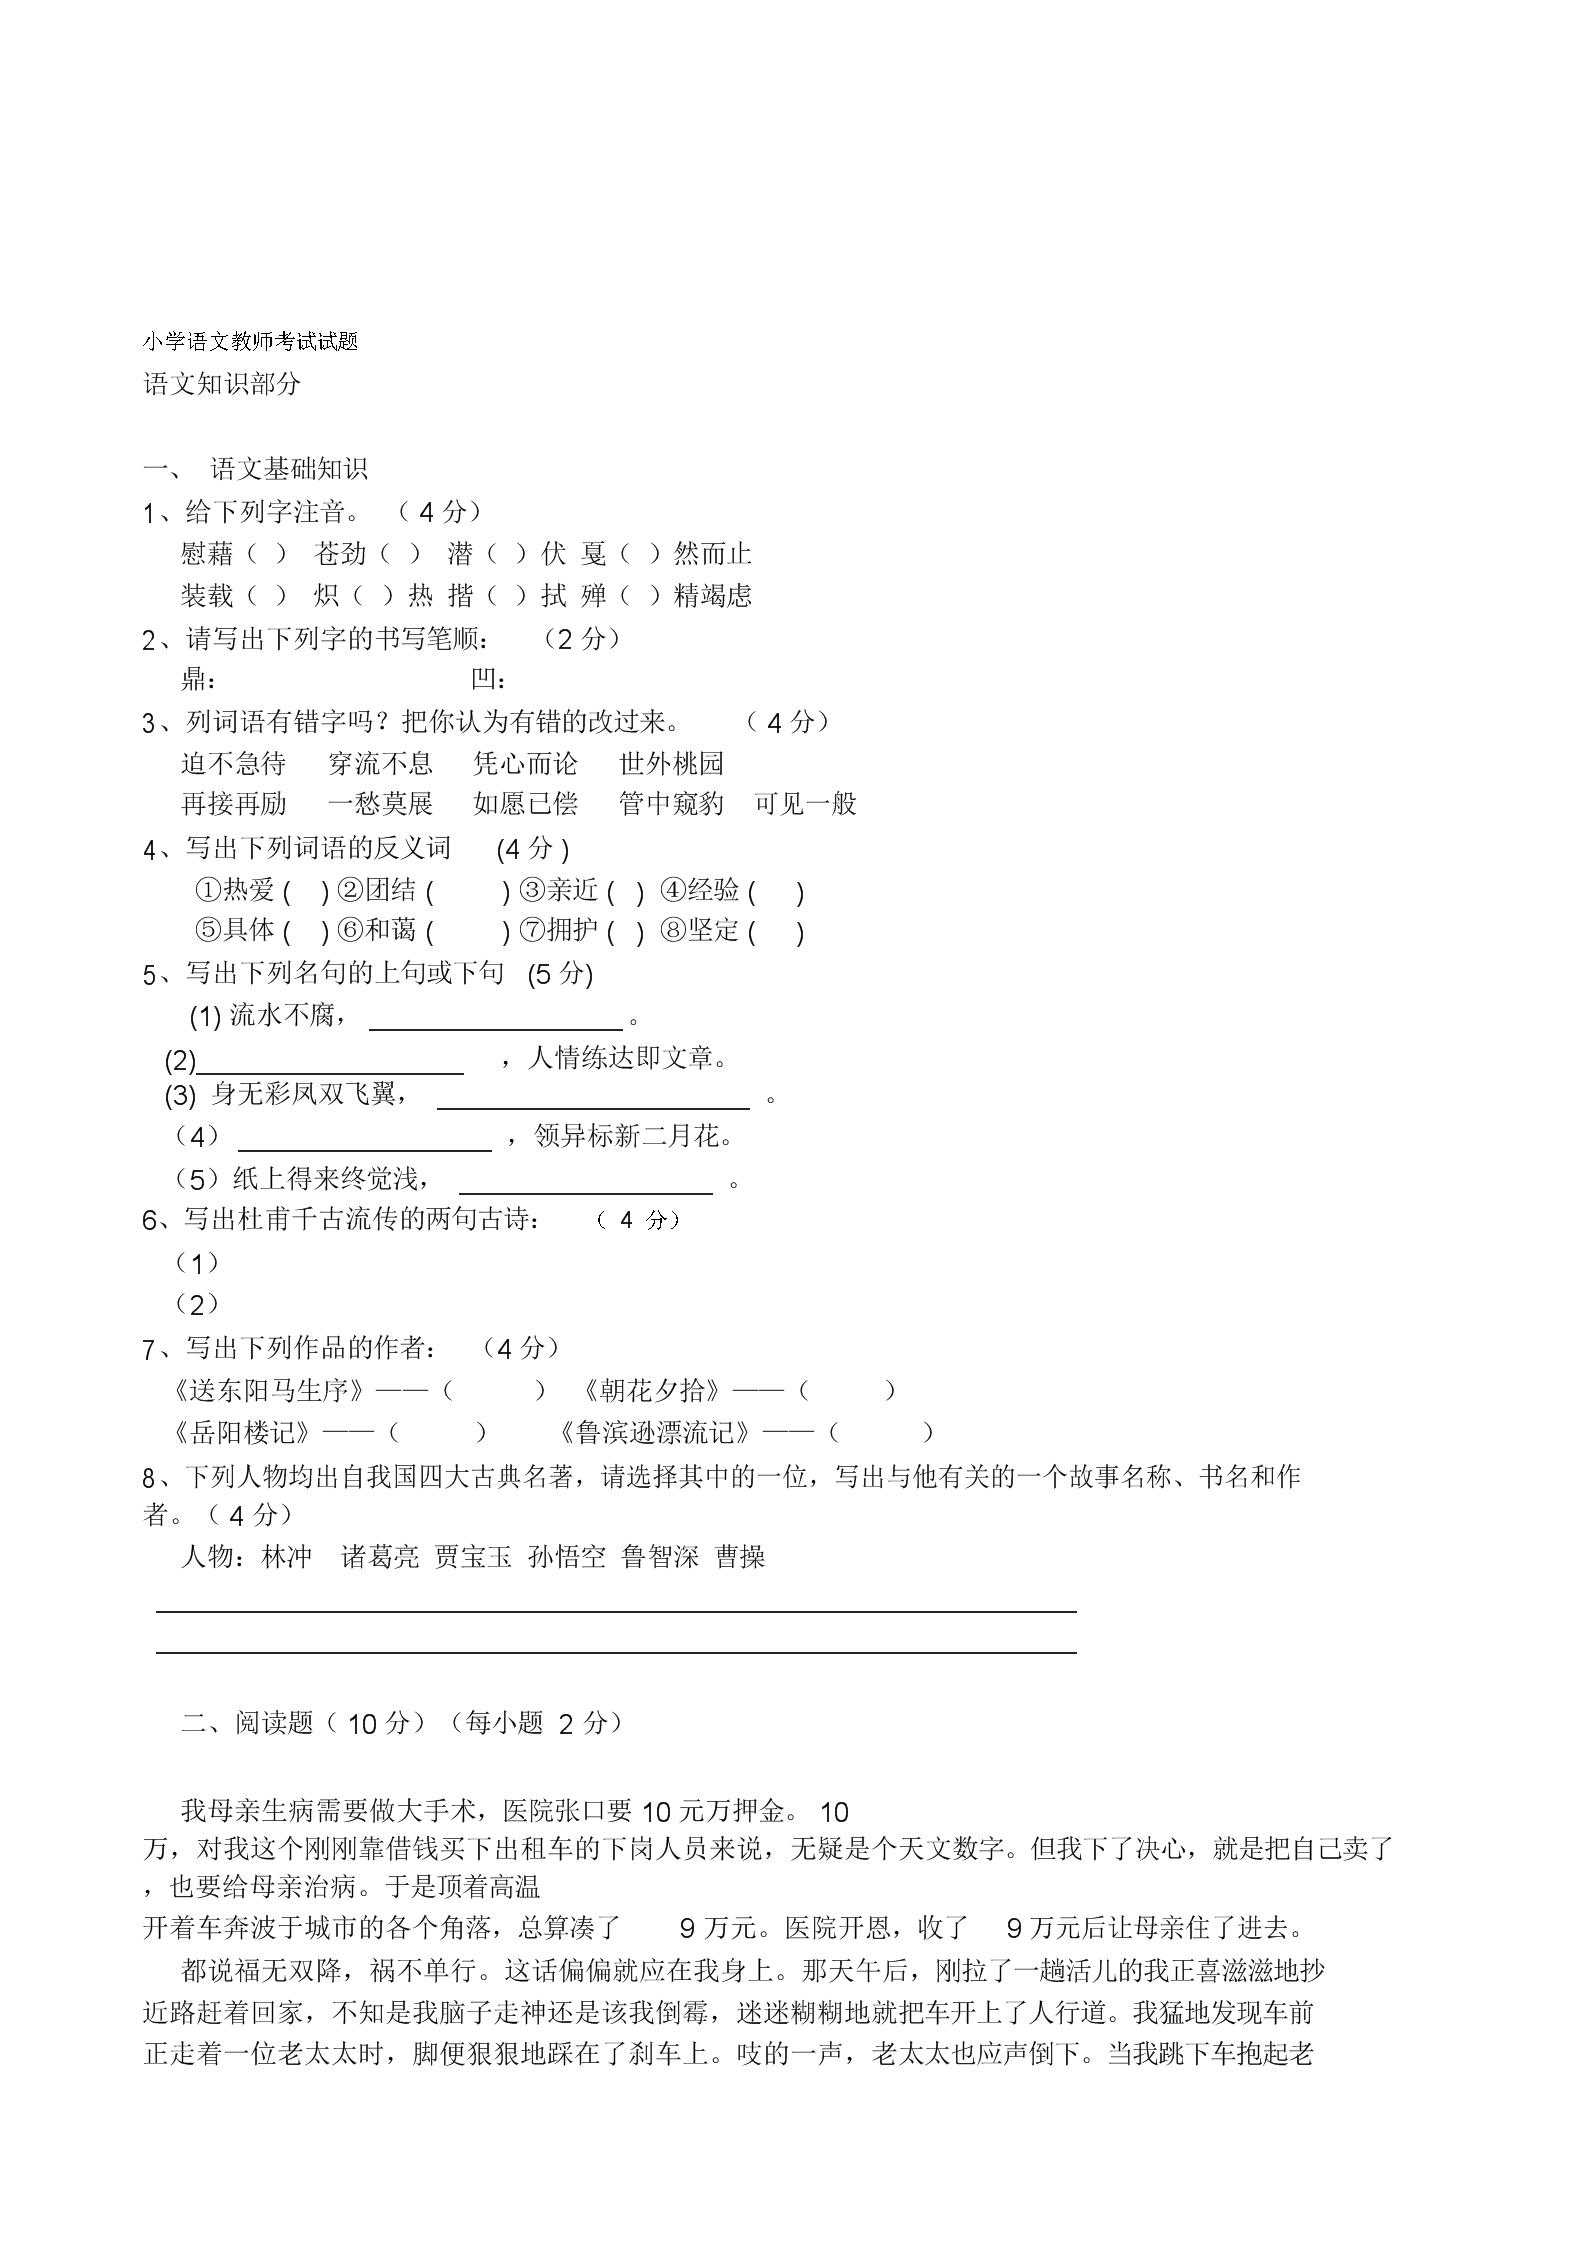 小学语文教师语文知识教学实践专业考试试题.doc